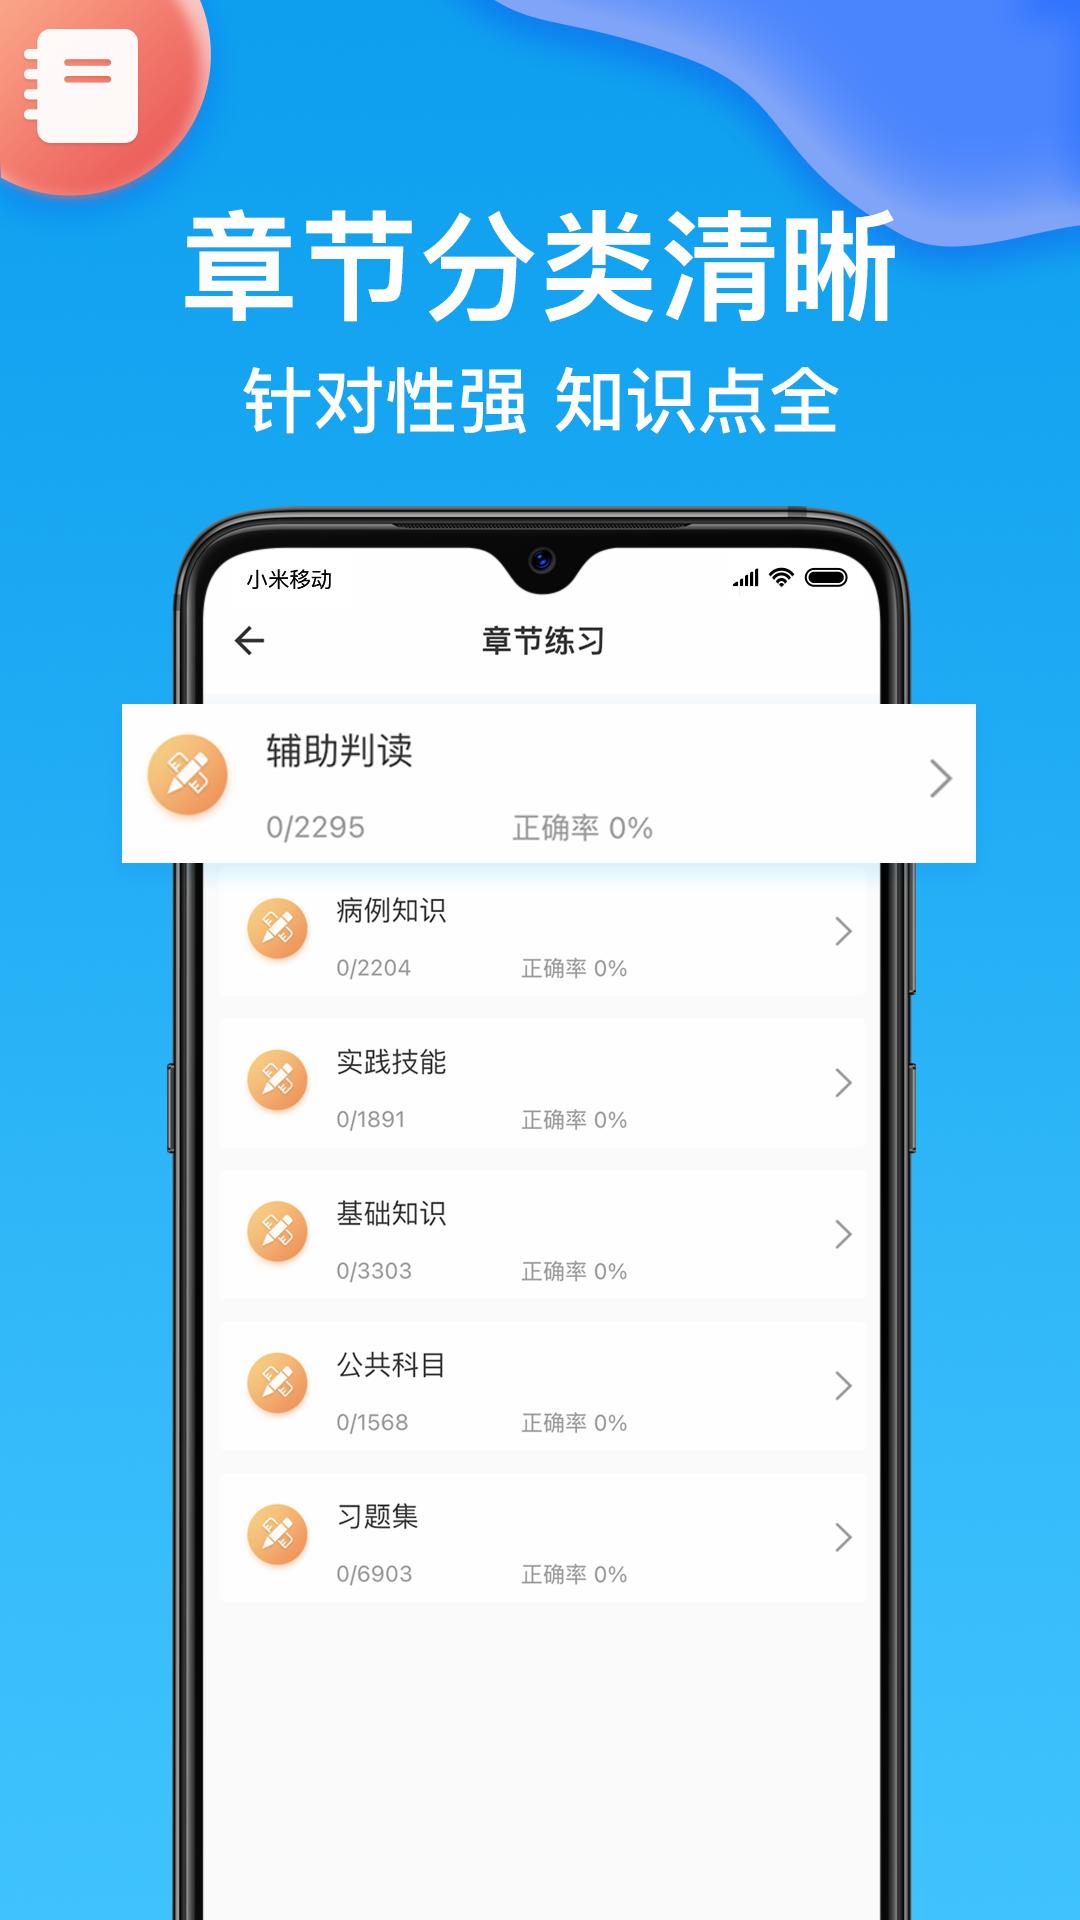 规培考试题库appv1.3.0 手机版